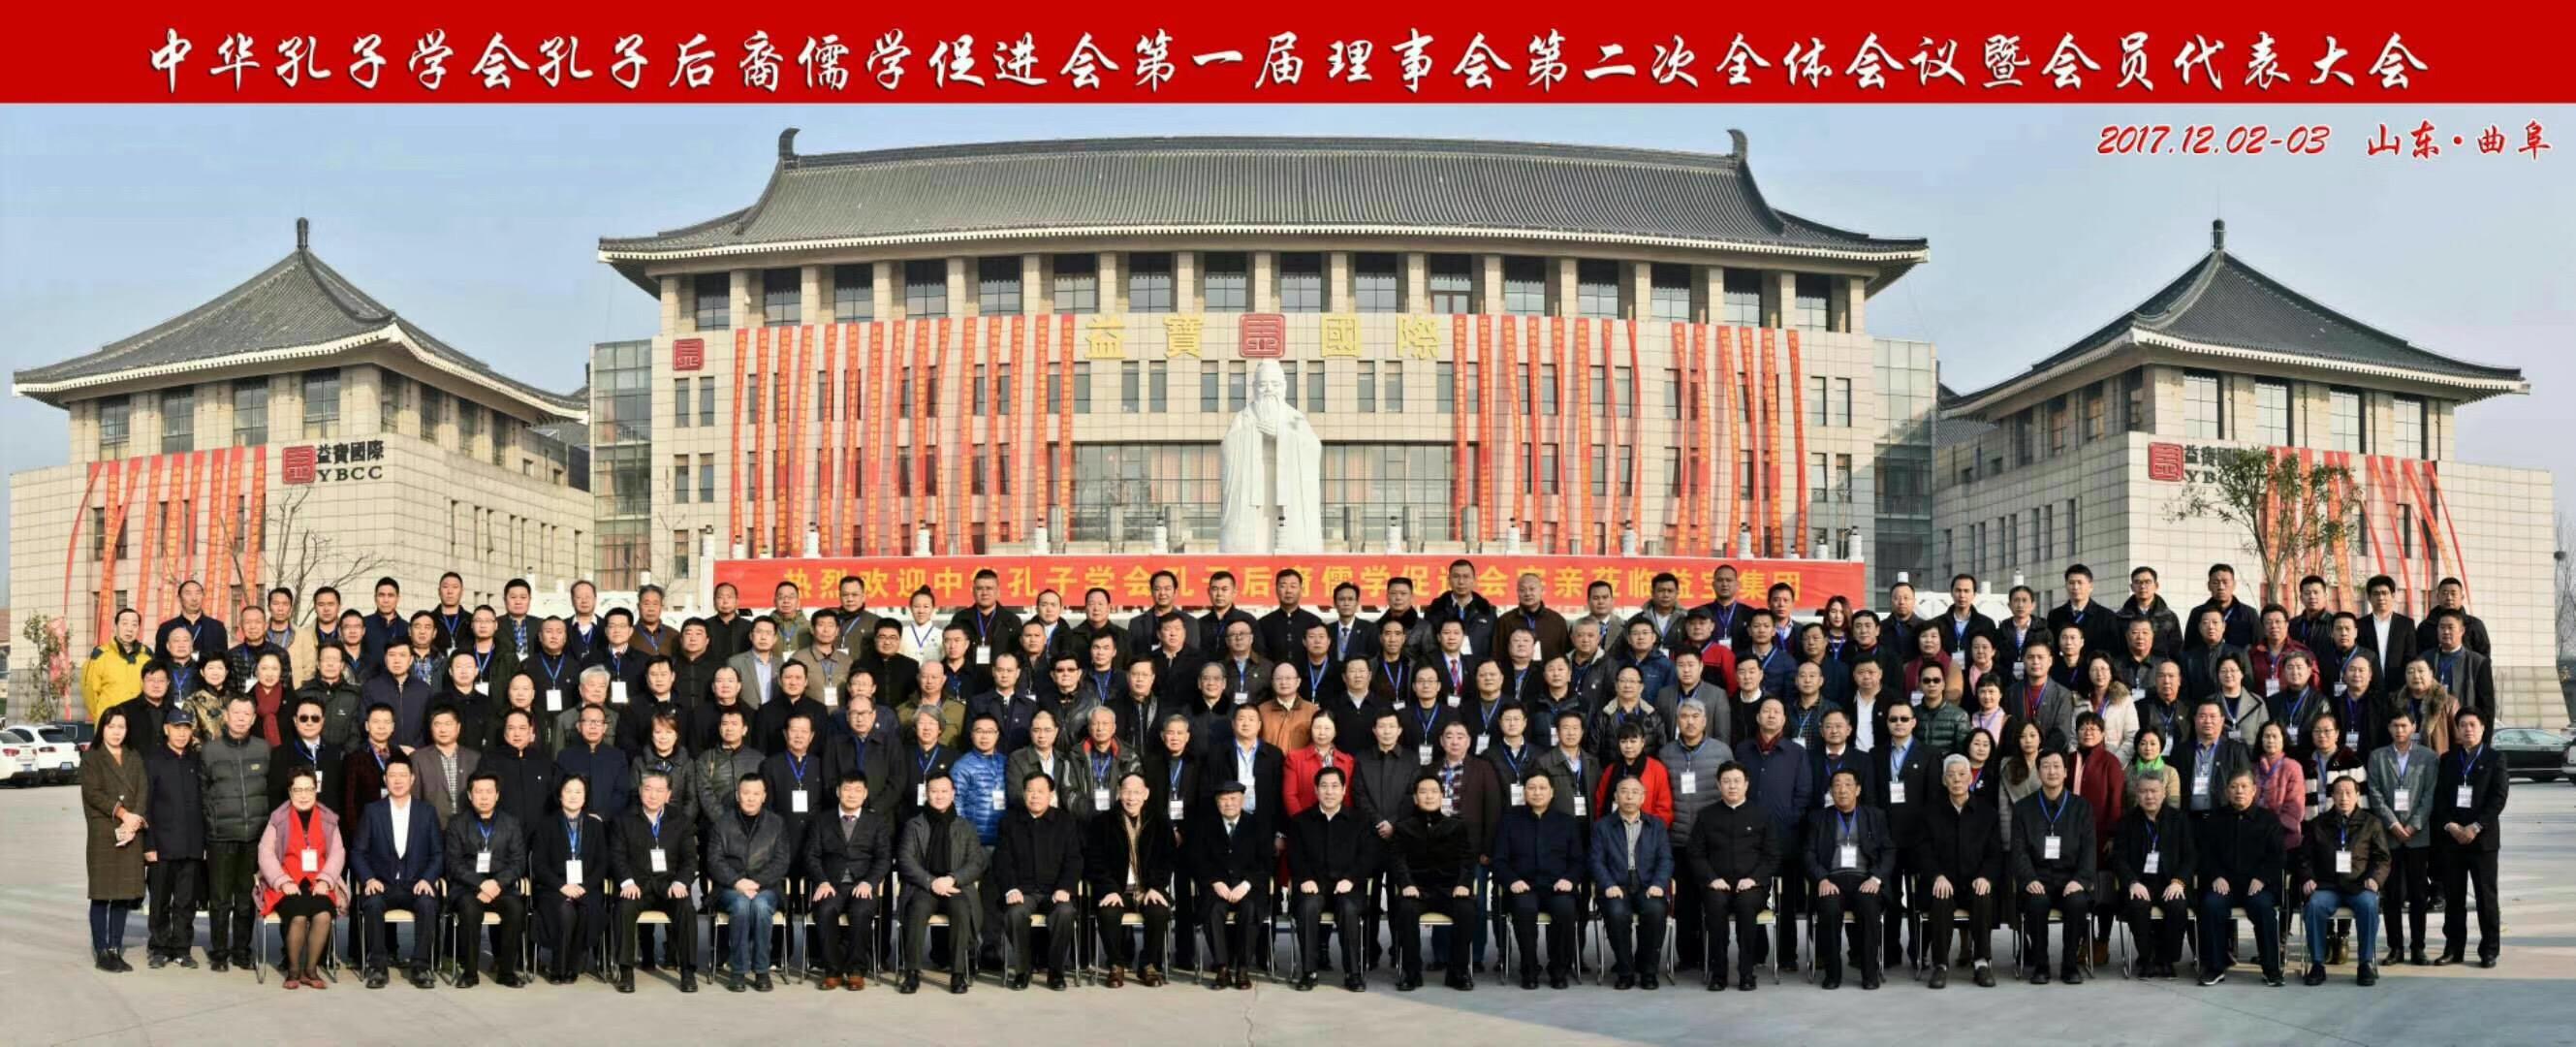 中华孔子学会孔子后裔儒学促进会第一届理事会第二次全体会议在曲阜召开